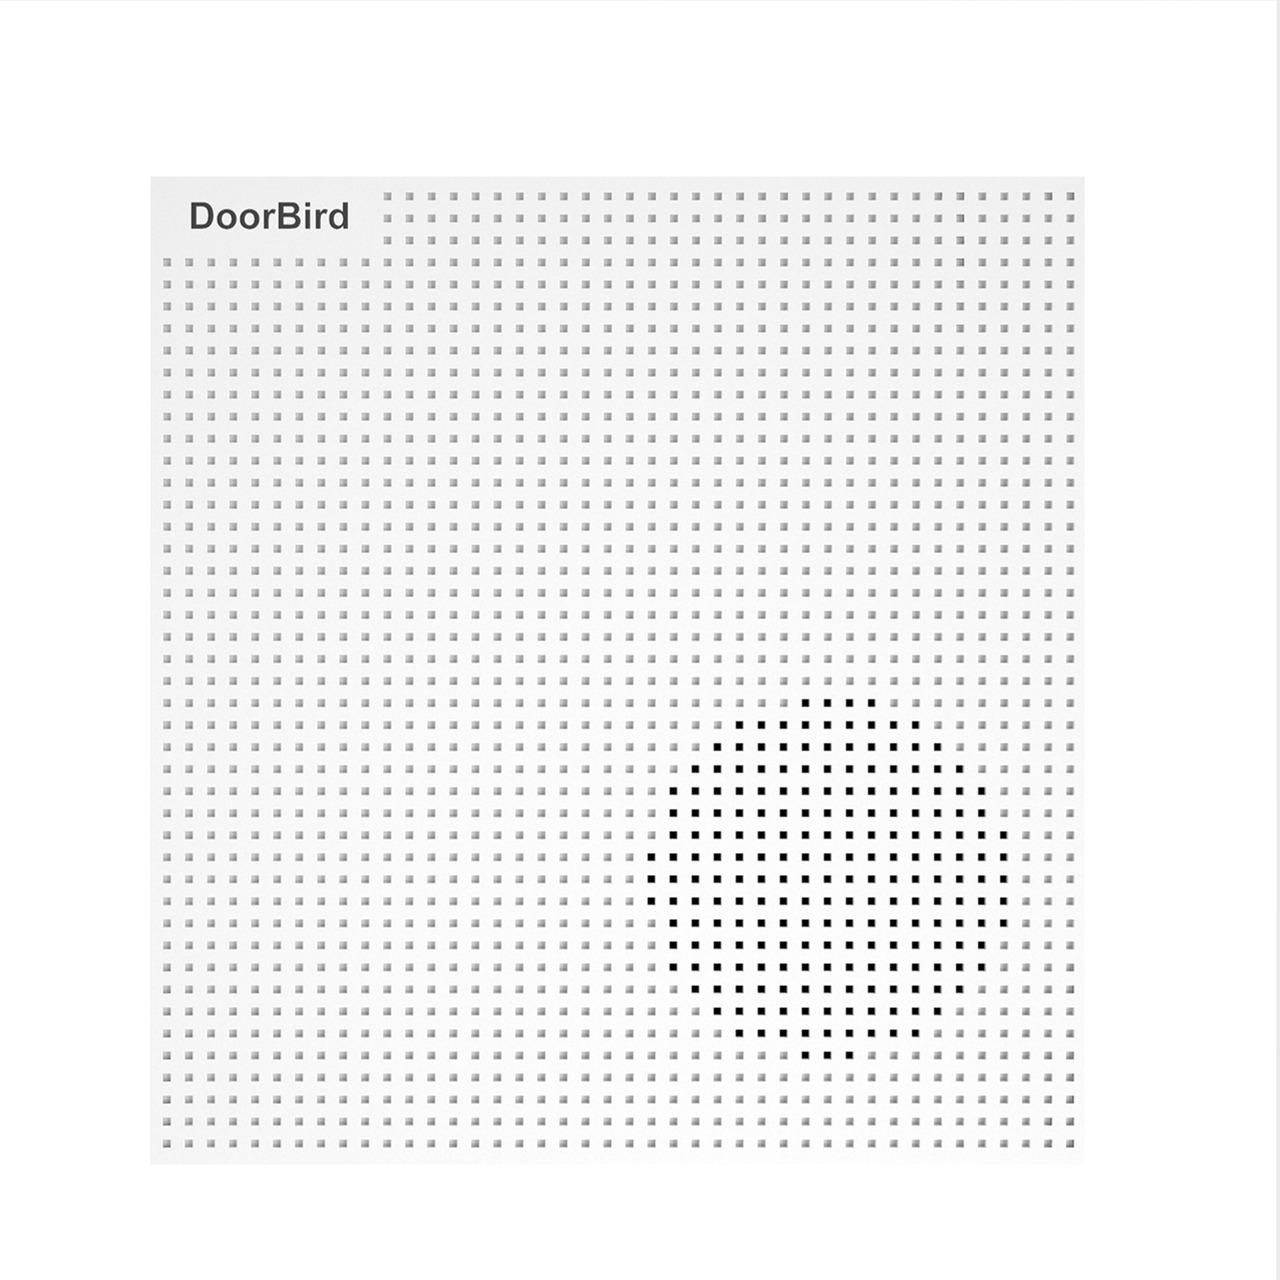 DoorBird WLAN/LAN-Türgong- App-Steuerung